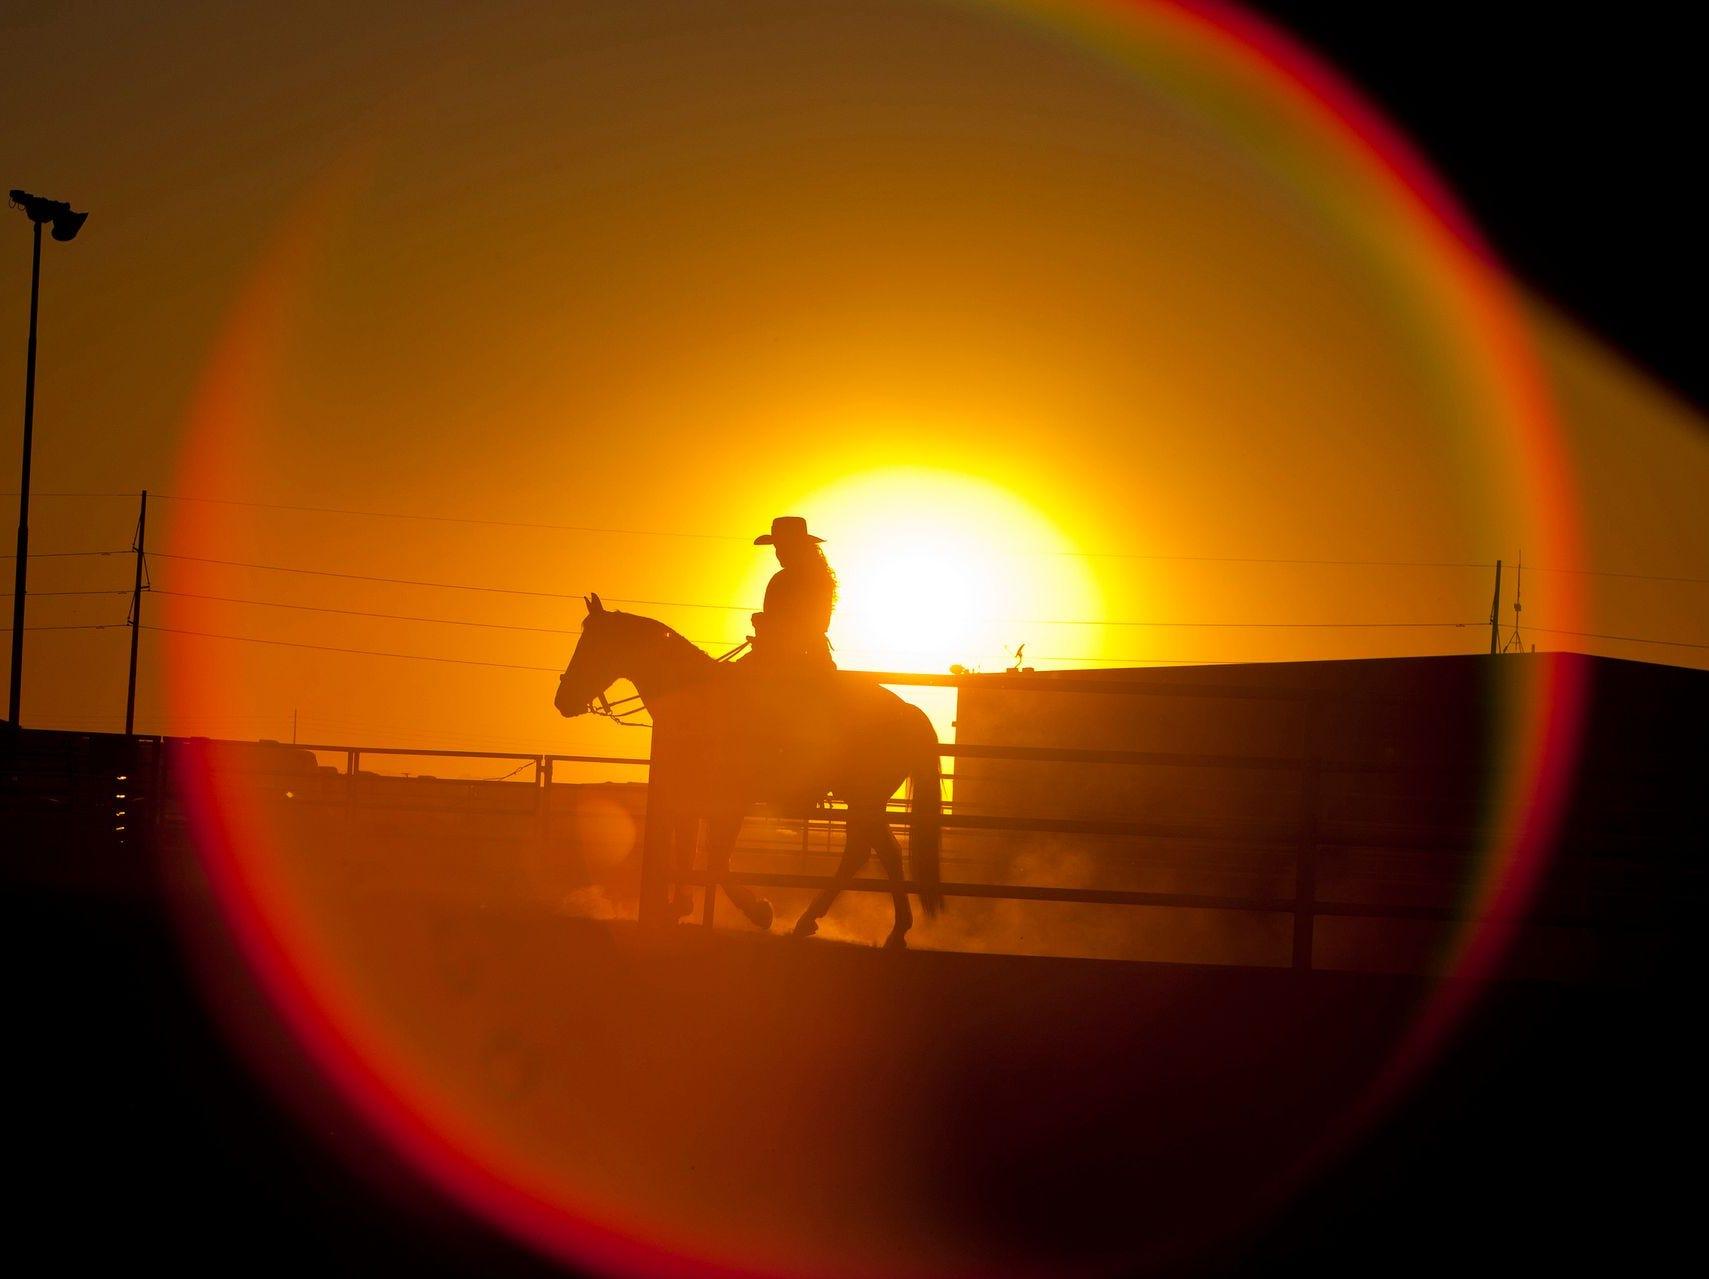 La reina adolescente de Rodeo, Codi Ross, practica su rutina en su caballo, Patrona, al atardecer antes de un rodeo en el Centro Ecuestre y de Eventos South Buckeye en Buckeye, AZ el 12 de octubre de 2013.